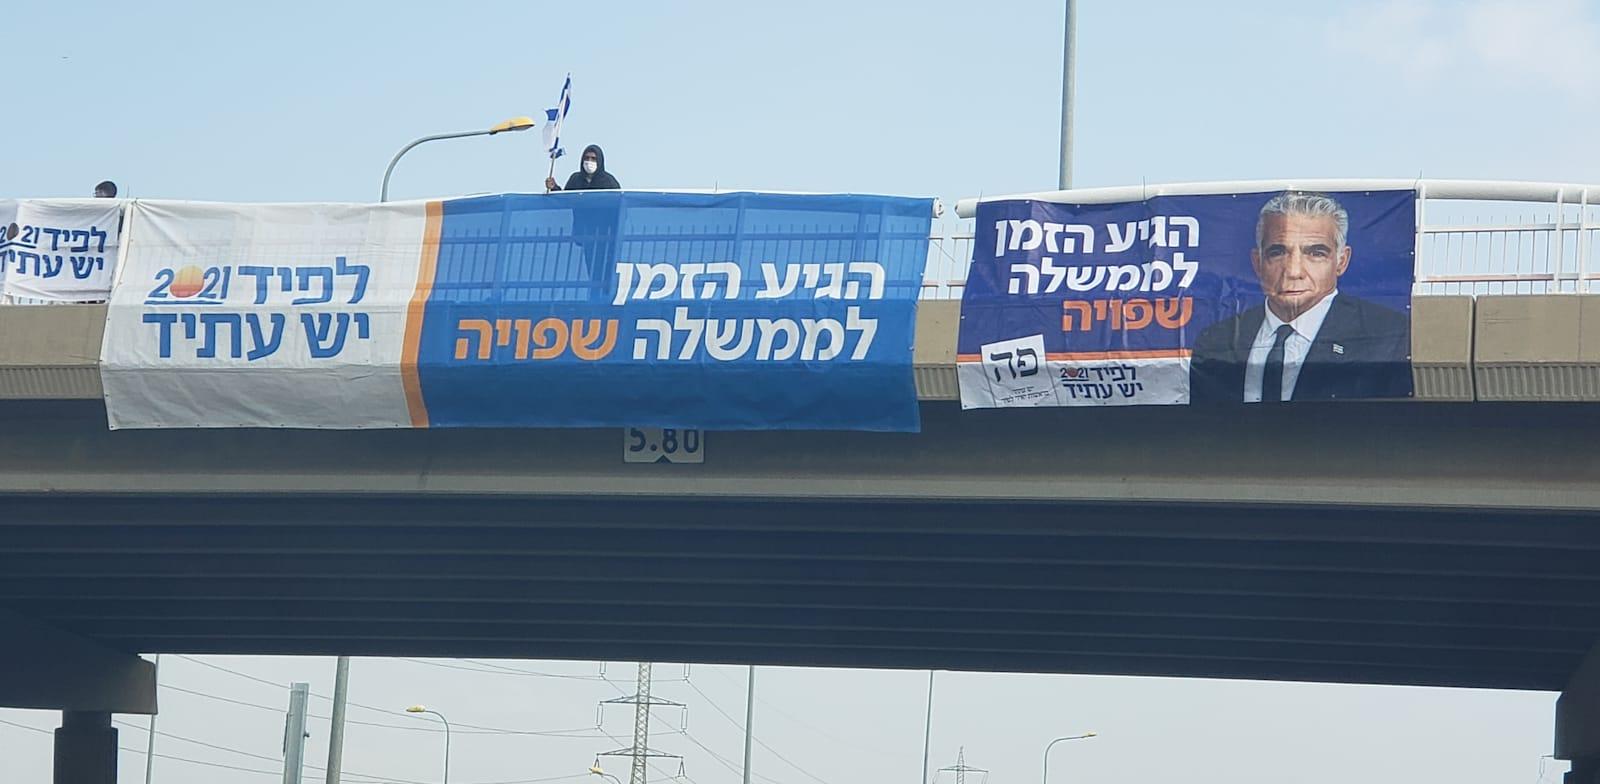 שלטי בחירות של מפלגת יש עתיד על גבי גשר / צילום: דלית איזיק לויתן